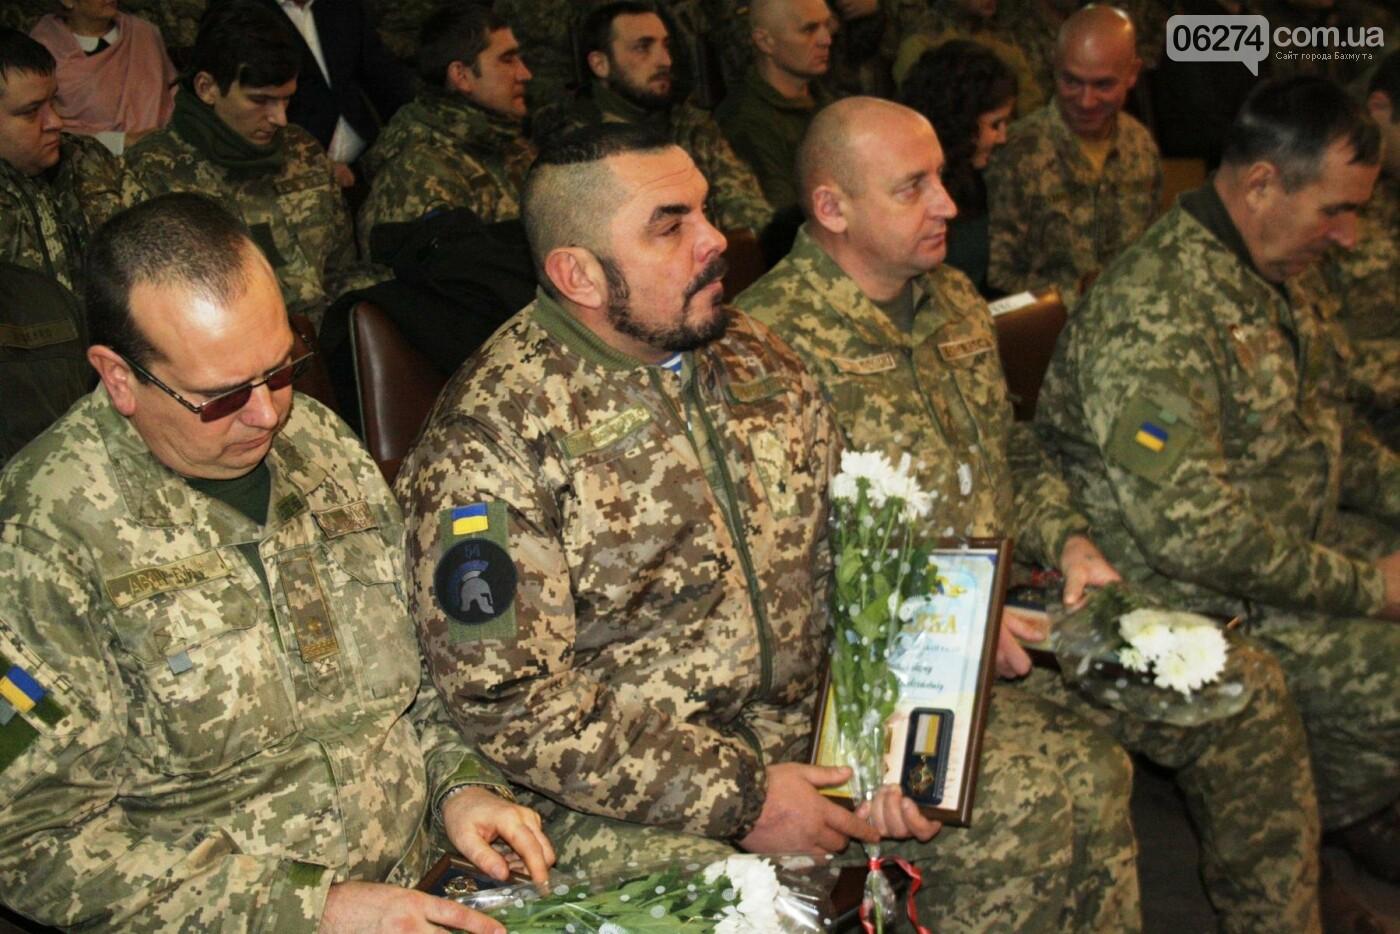 В Бахмуте поздравили военнослужащих с Днем ВСУ, фото-13